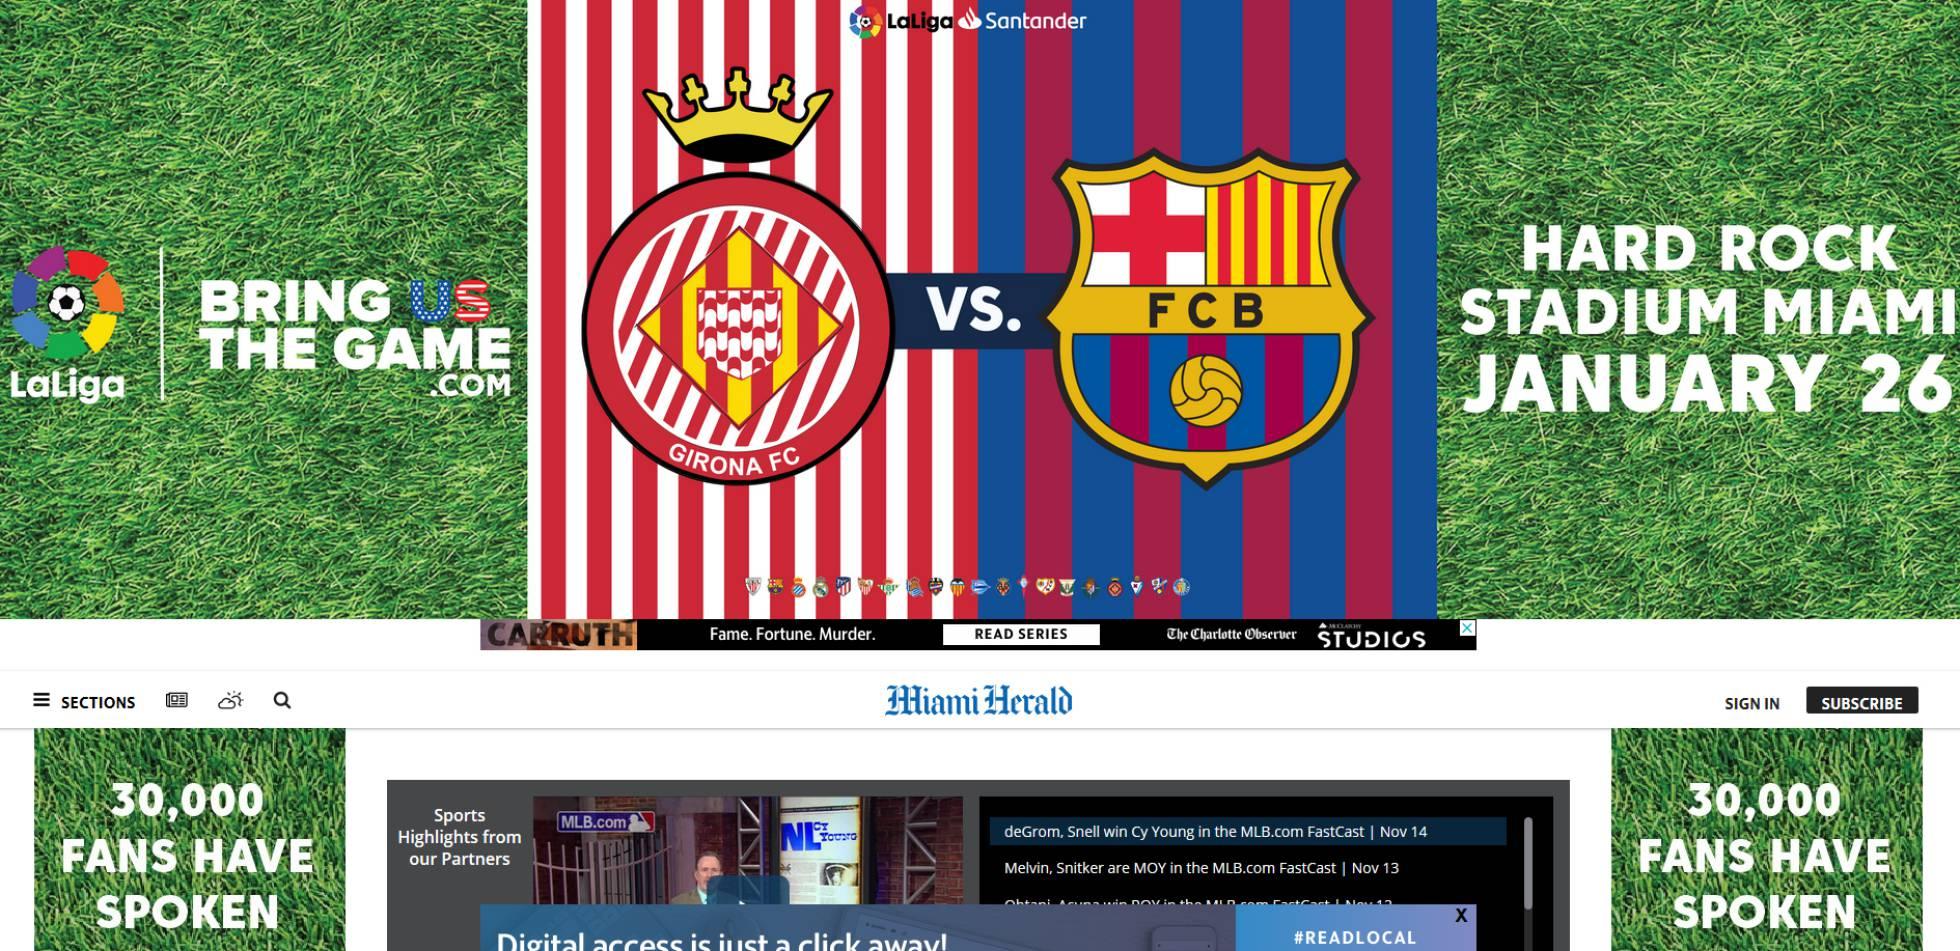 LaLiga promociona el Girona-Barça en Miami a pesar de la prohibición de la FIFA